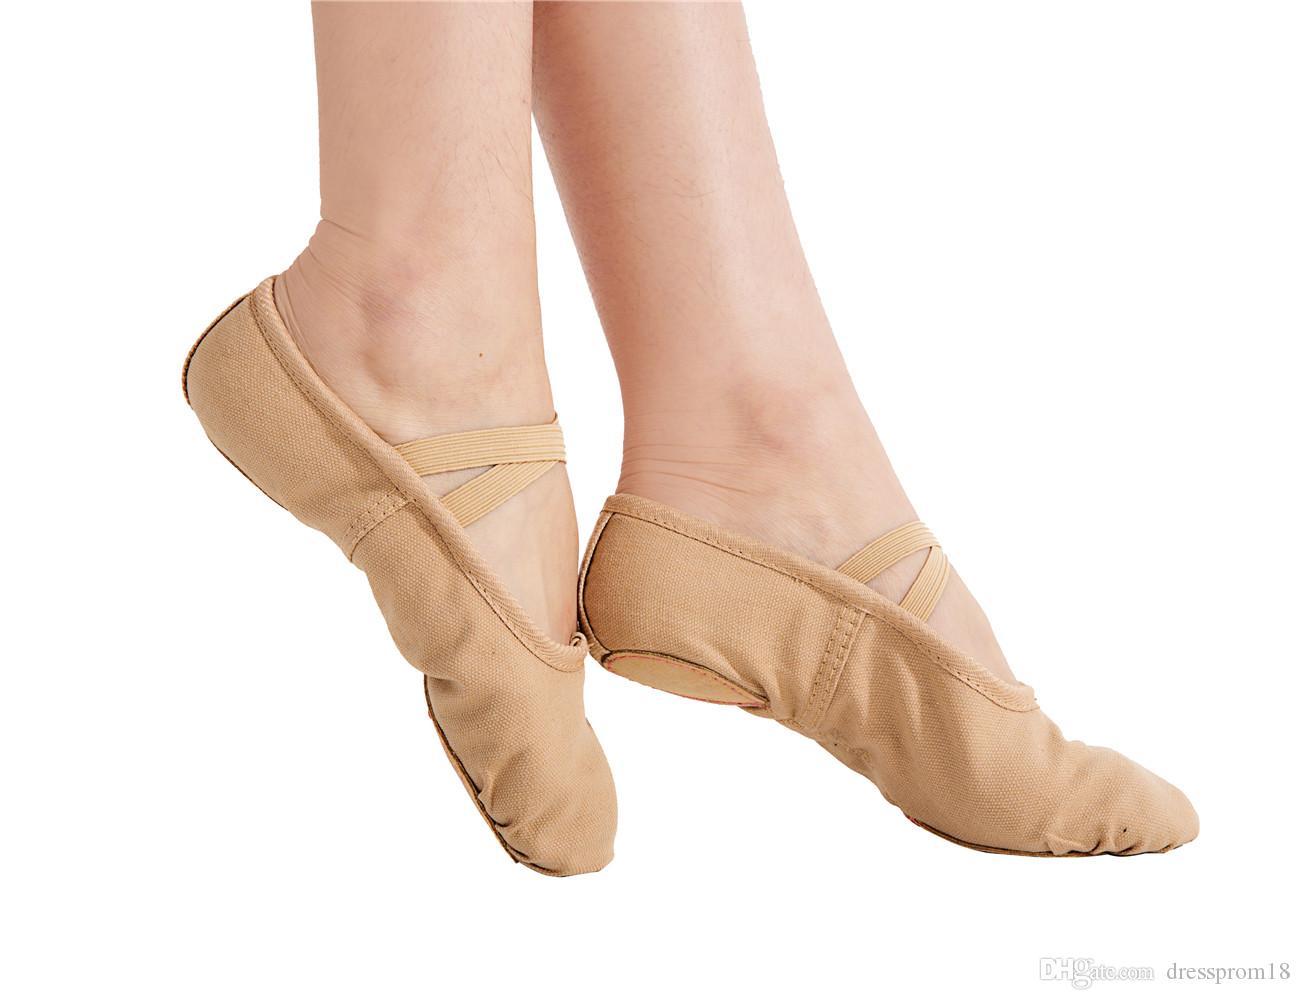 Женский холст балетные танцевальные туфли танцевальные тапочки практикуют бальные йоги плоский разделительный спортивный танцующий живот мягкий